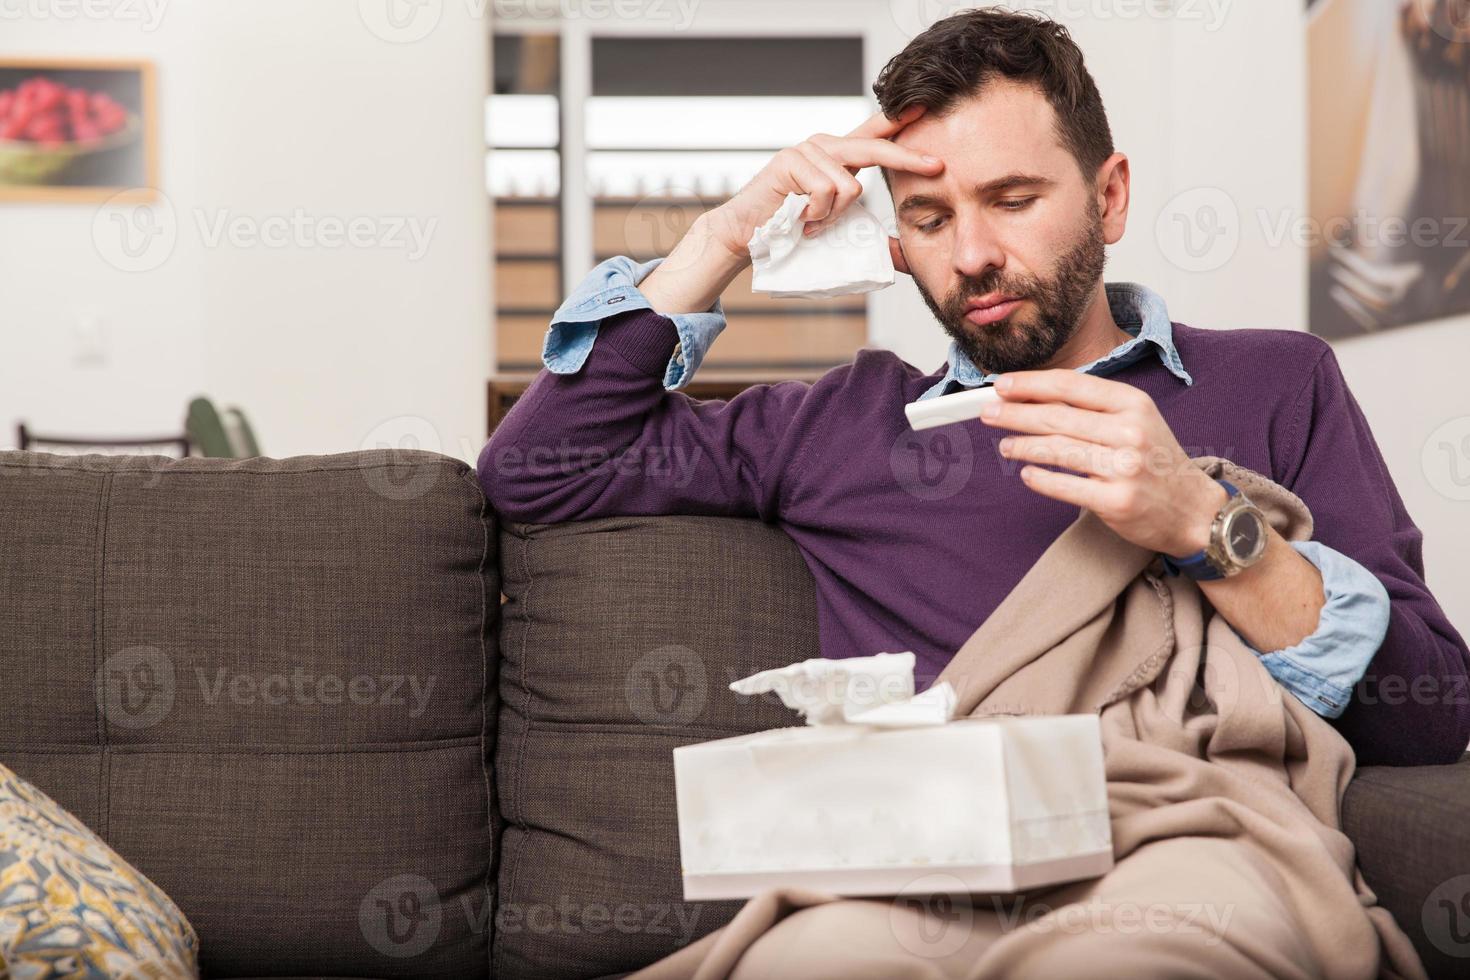 cara com um resfriado e febre em casa foto